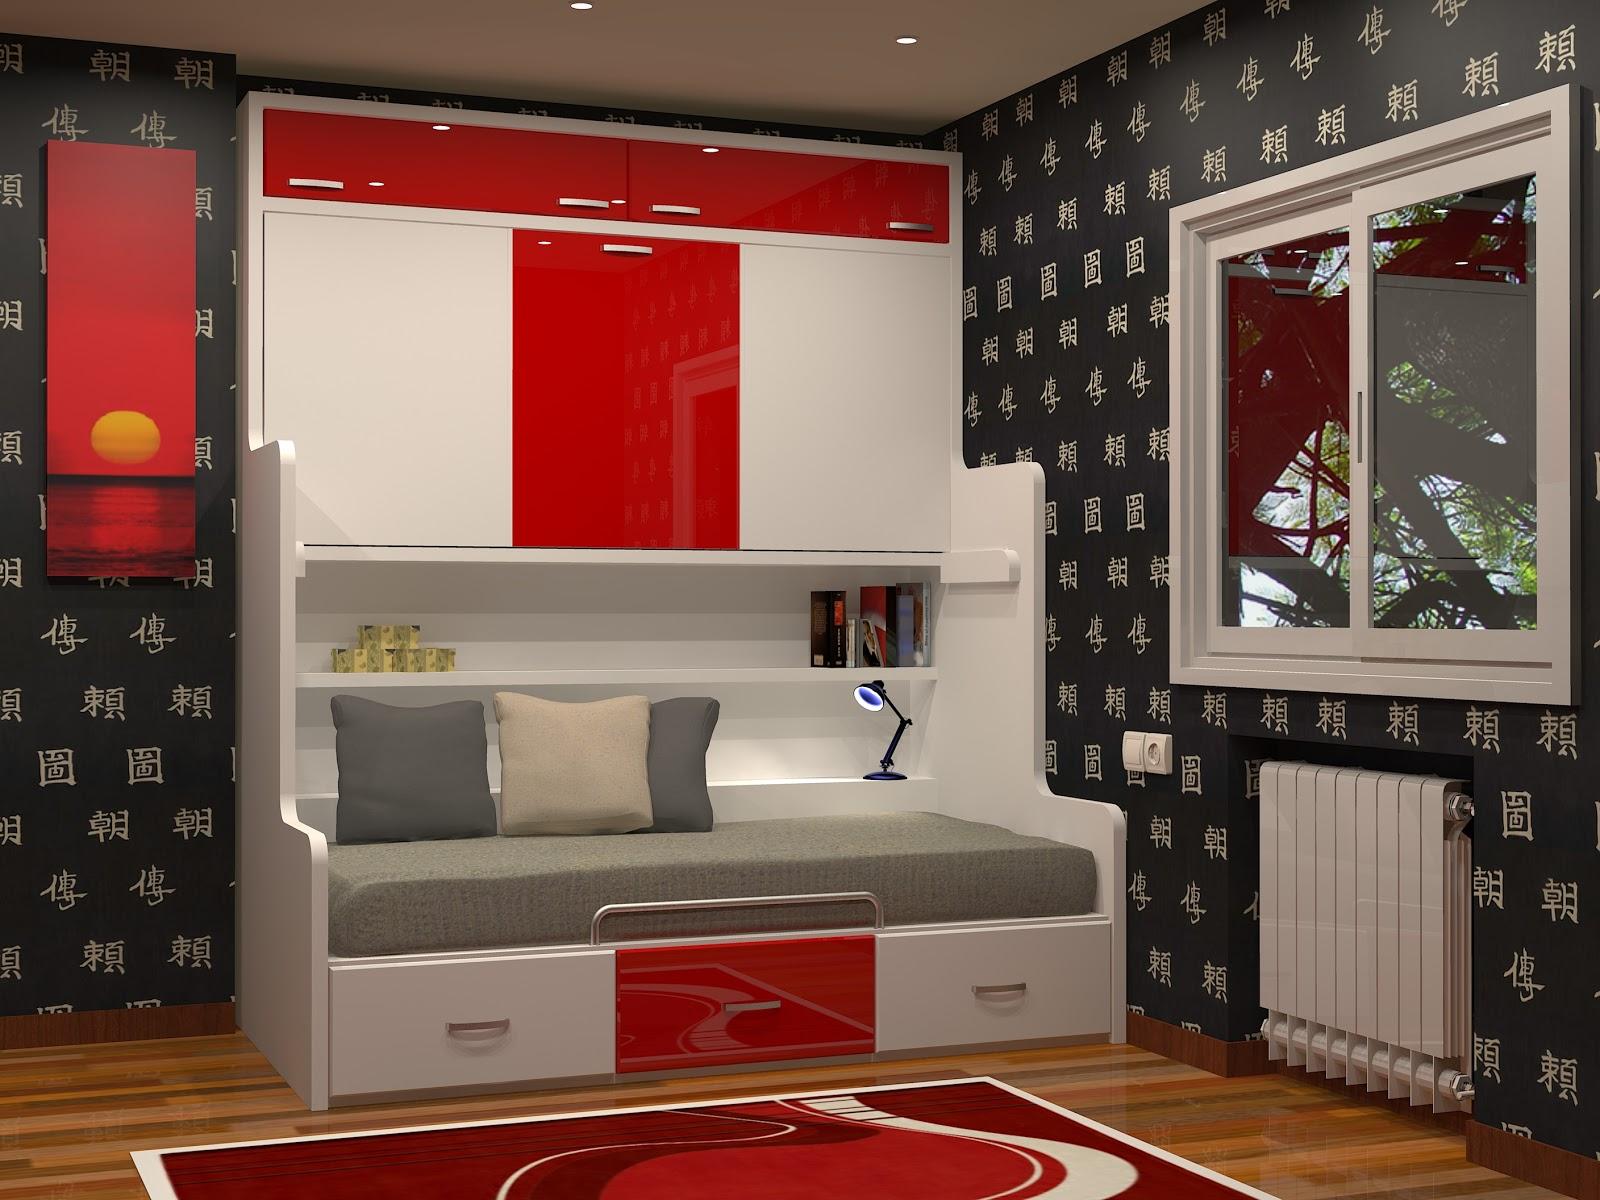 Tienda dormitorios juveniles decoraci n integral para tu - Quitamiedos para literas ...